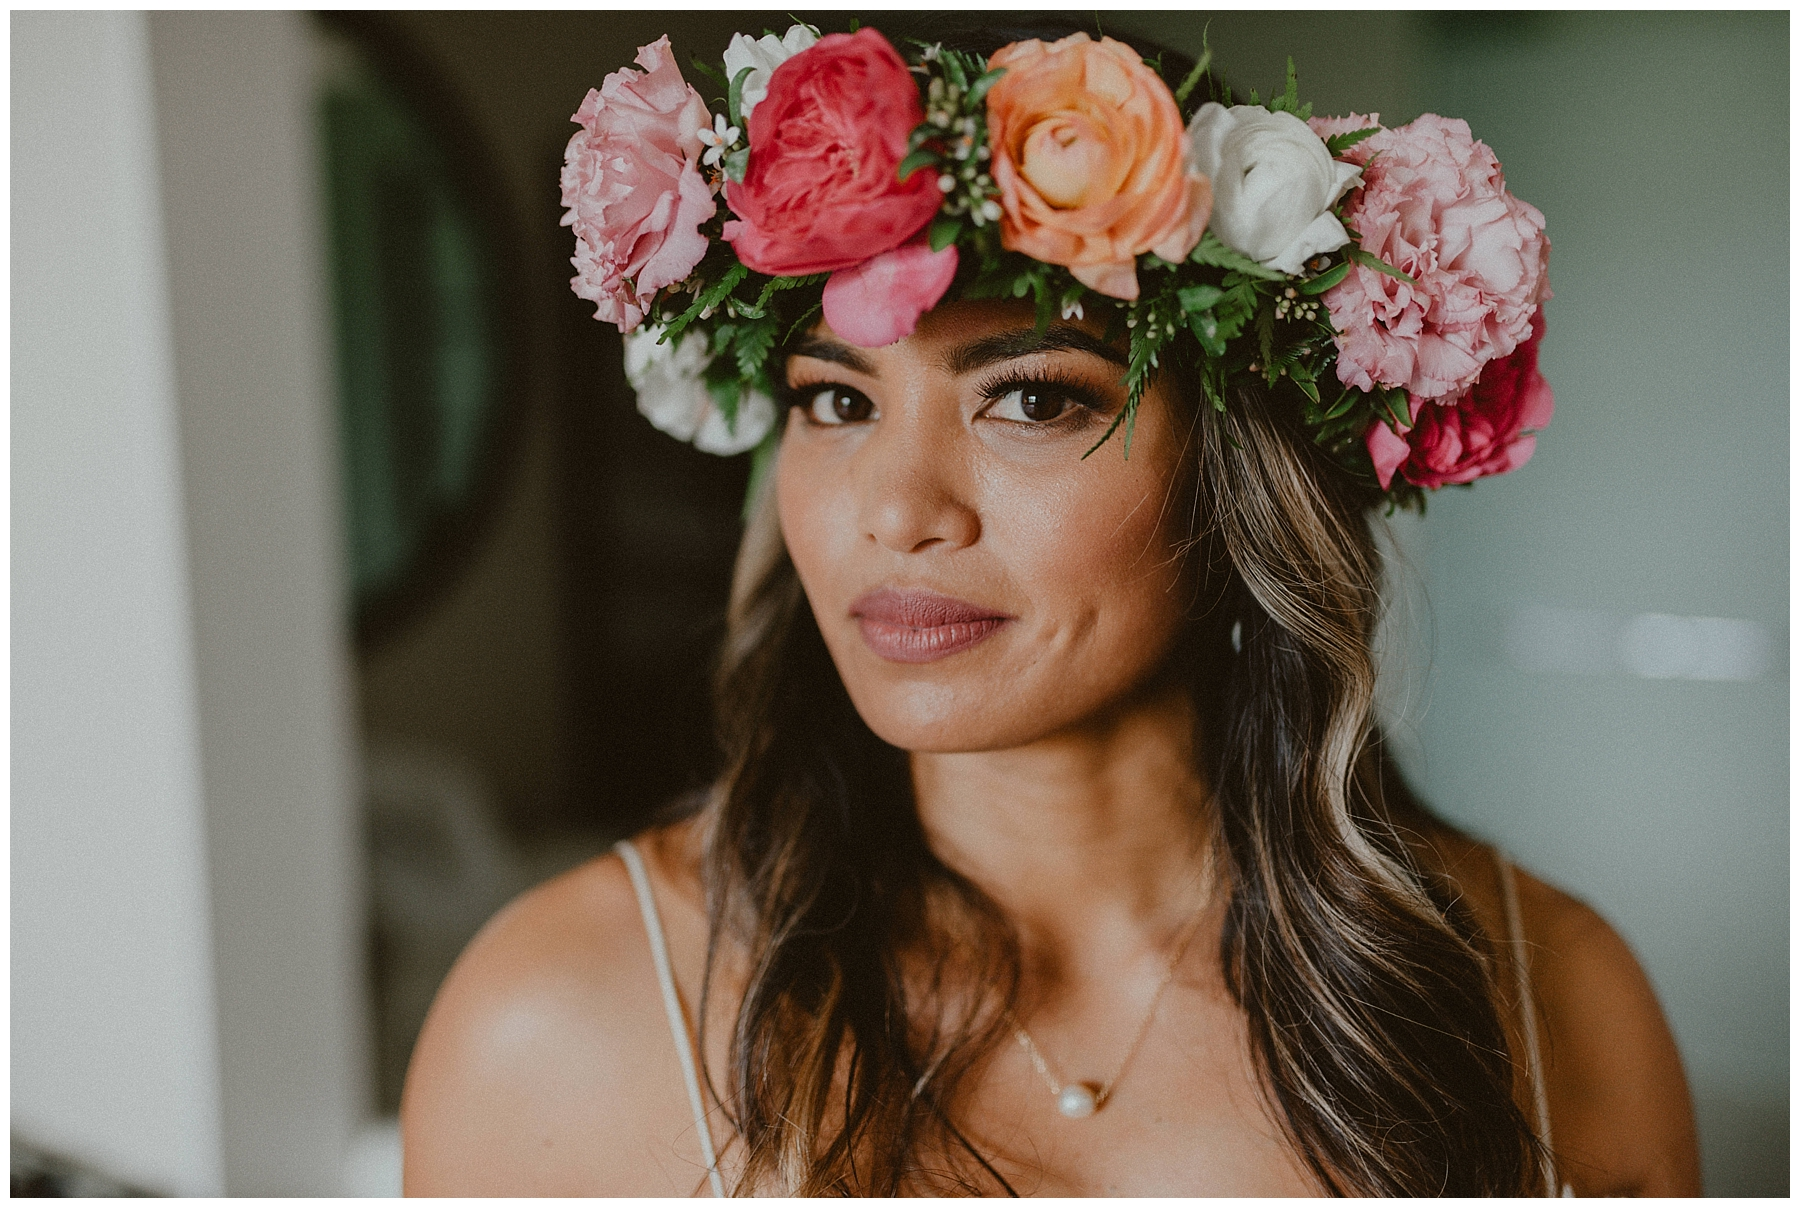 Bliss in Bloom Kailua Kona Hawaii Wedding Event Coordination_0119.jpg